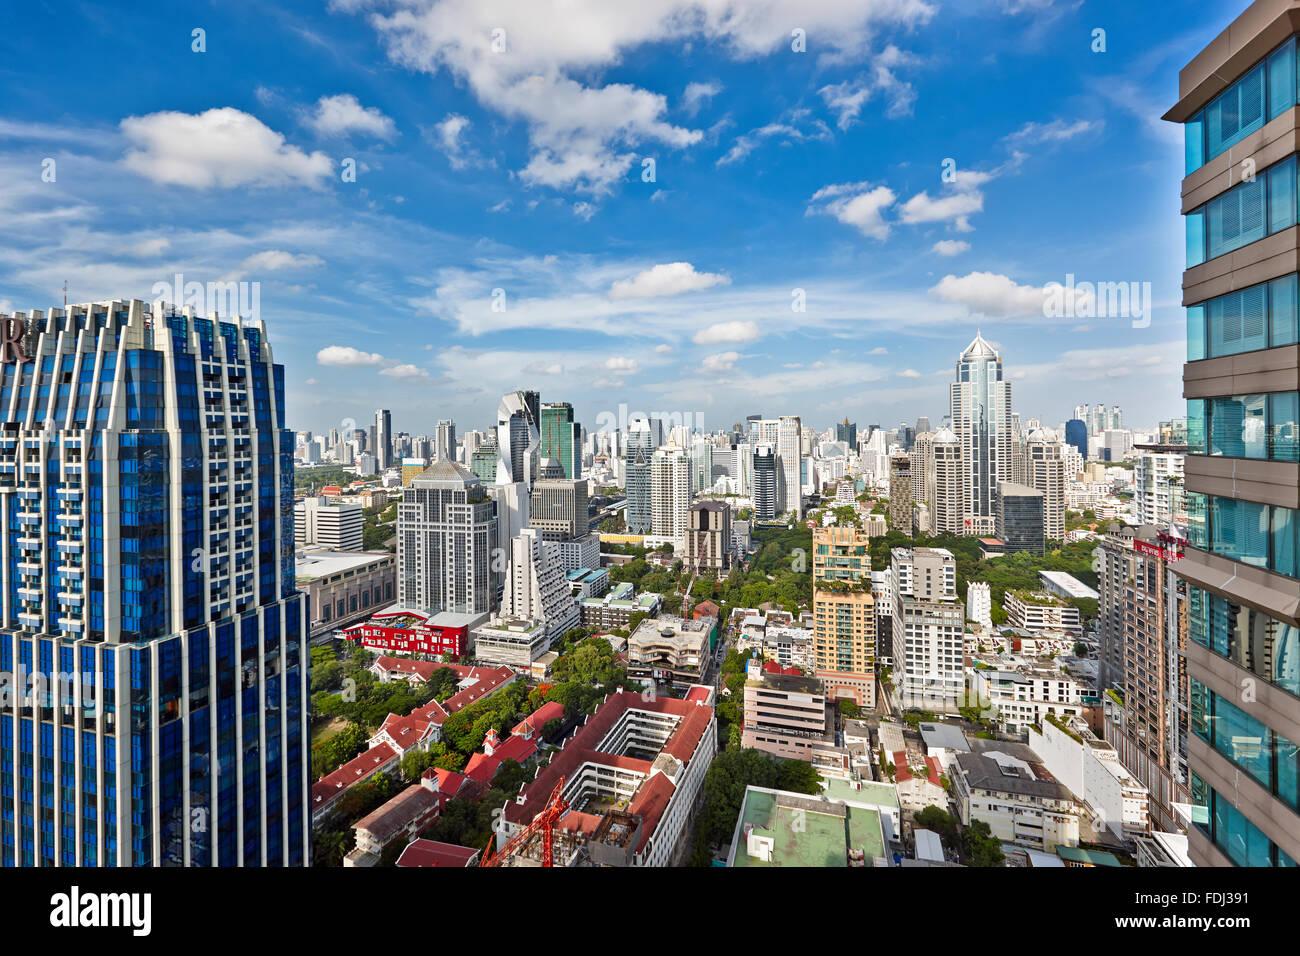 Erhöhte Stadtansicht. Bangkok, Thailand. Stockbild